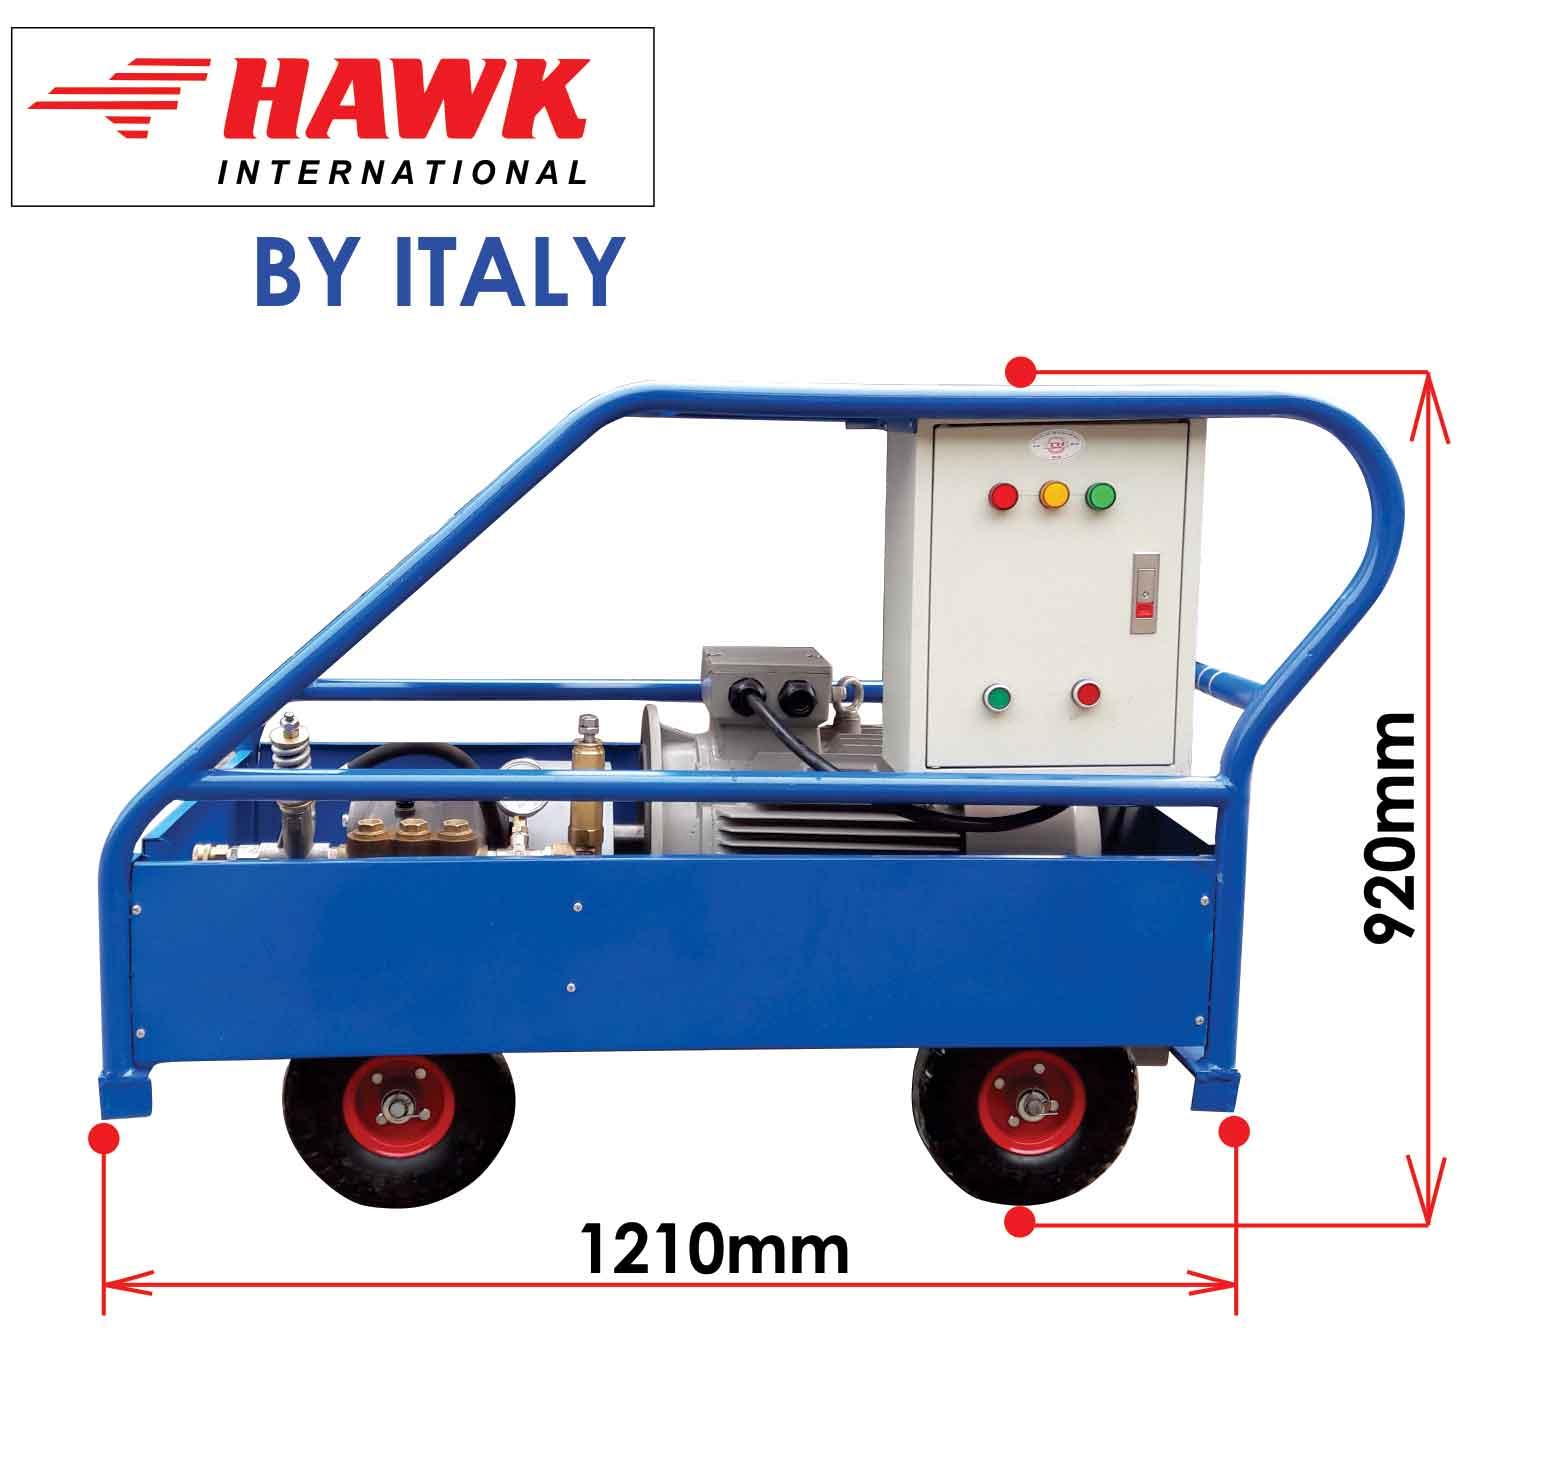 máy phun rửa công nghiệp 15KW, máy xịt rửa công nghiệp 15KW